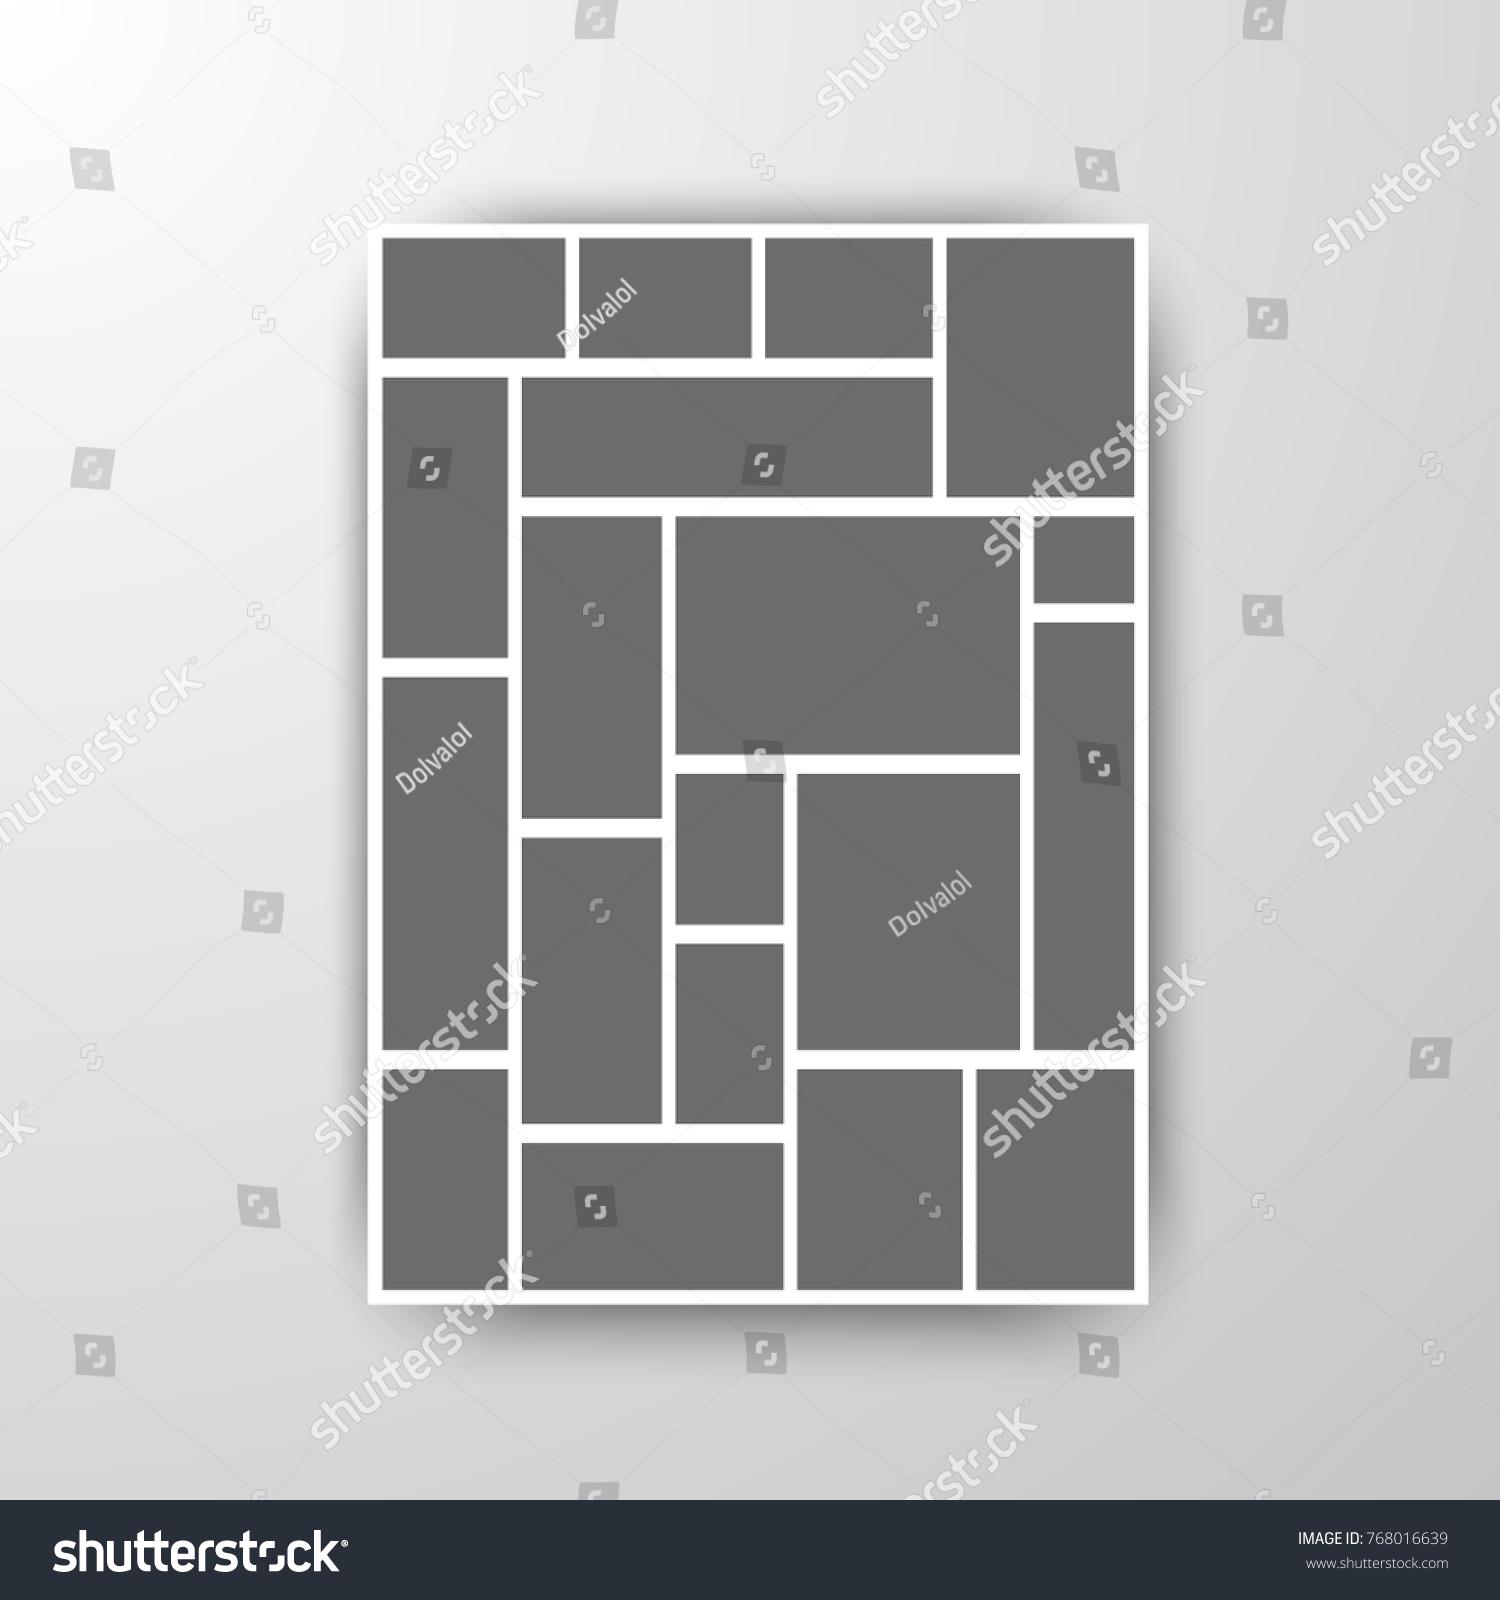 Templates Collage Frames Photo Illustration Vector Vector de ...